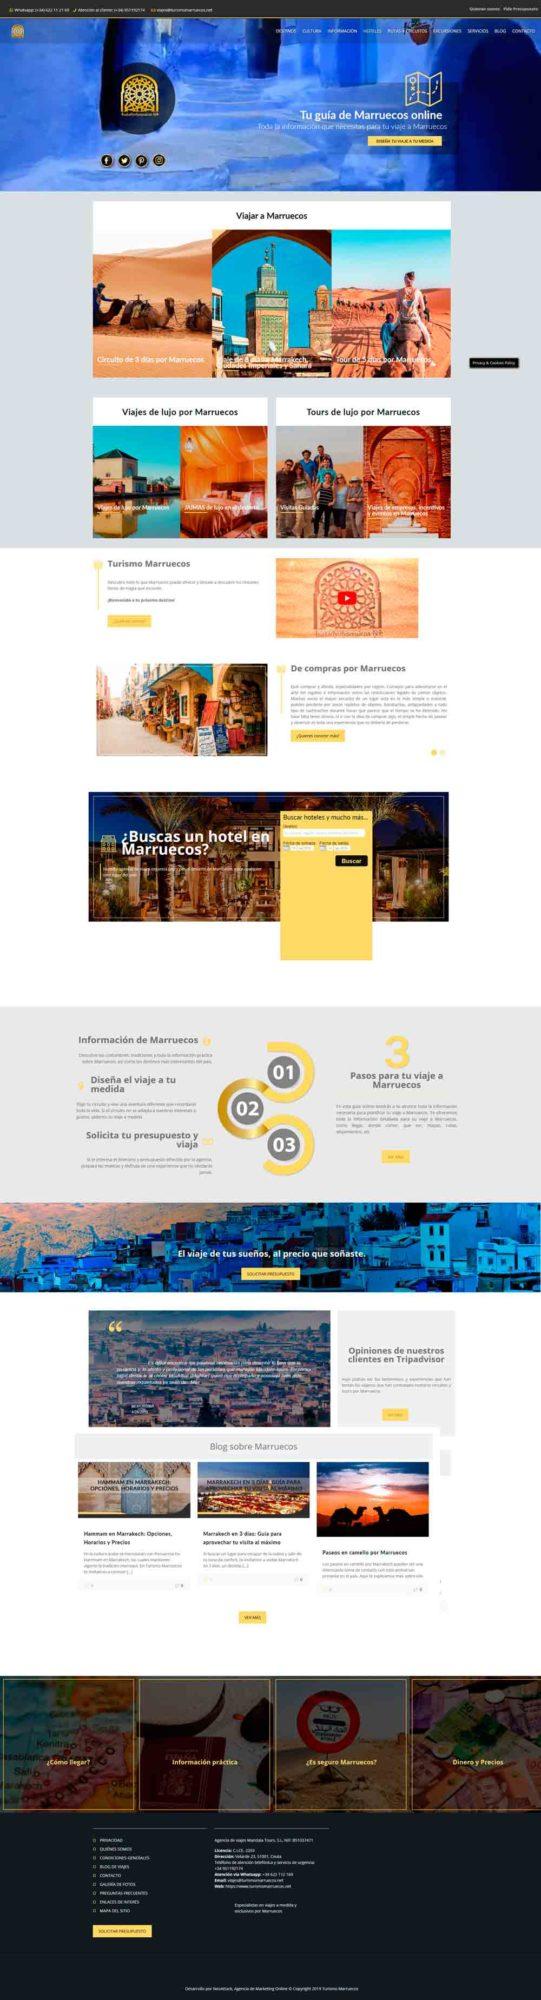 home_turismo_marruecos